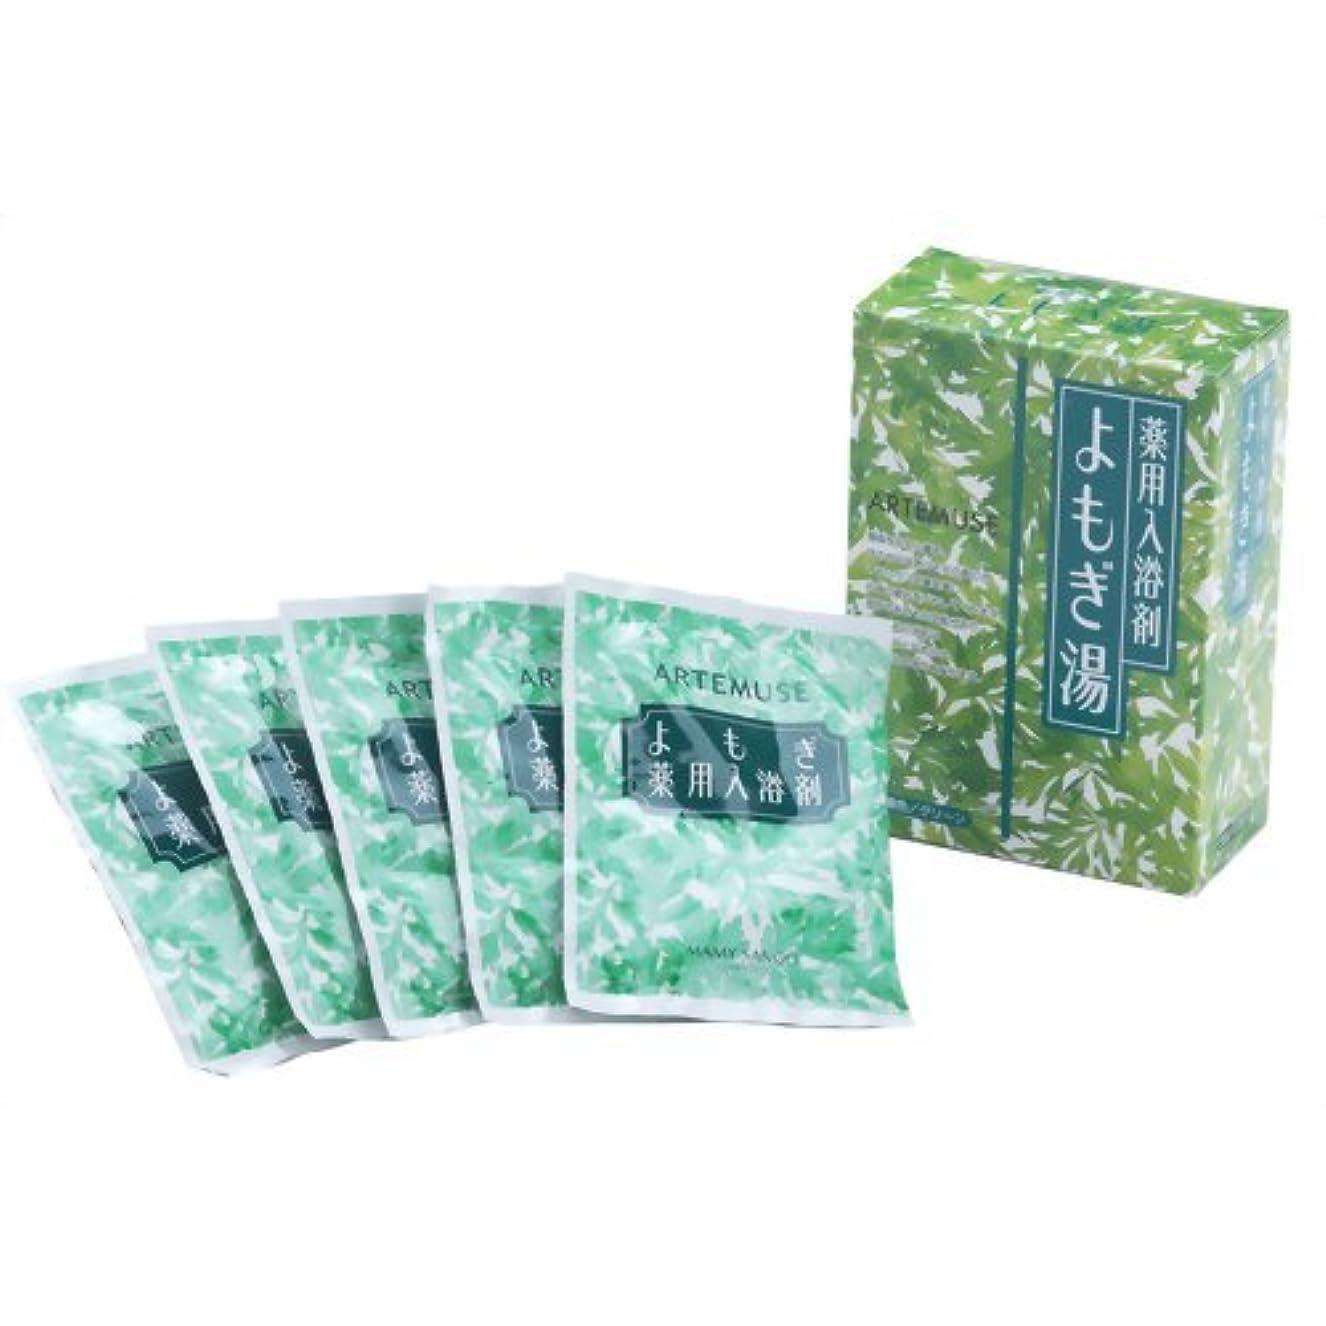 コスト経済的醸造所三興物産 よもぎ薬用シリーズ よもぎ薬用入浴剤 (分包) 30g×5包入